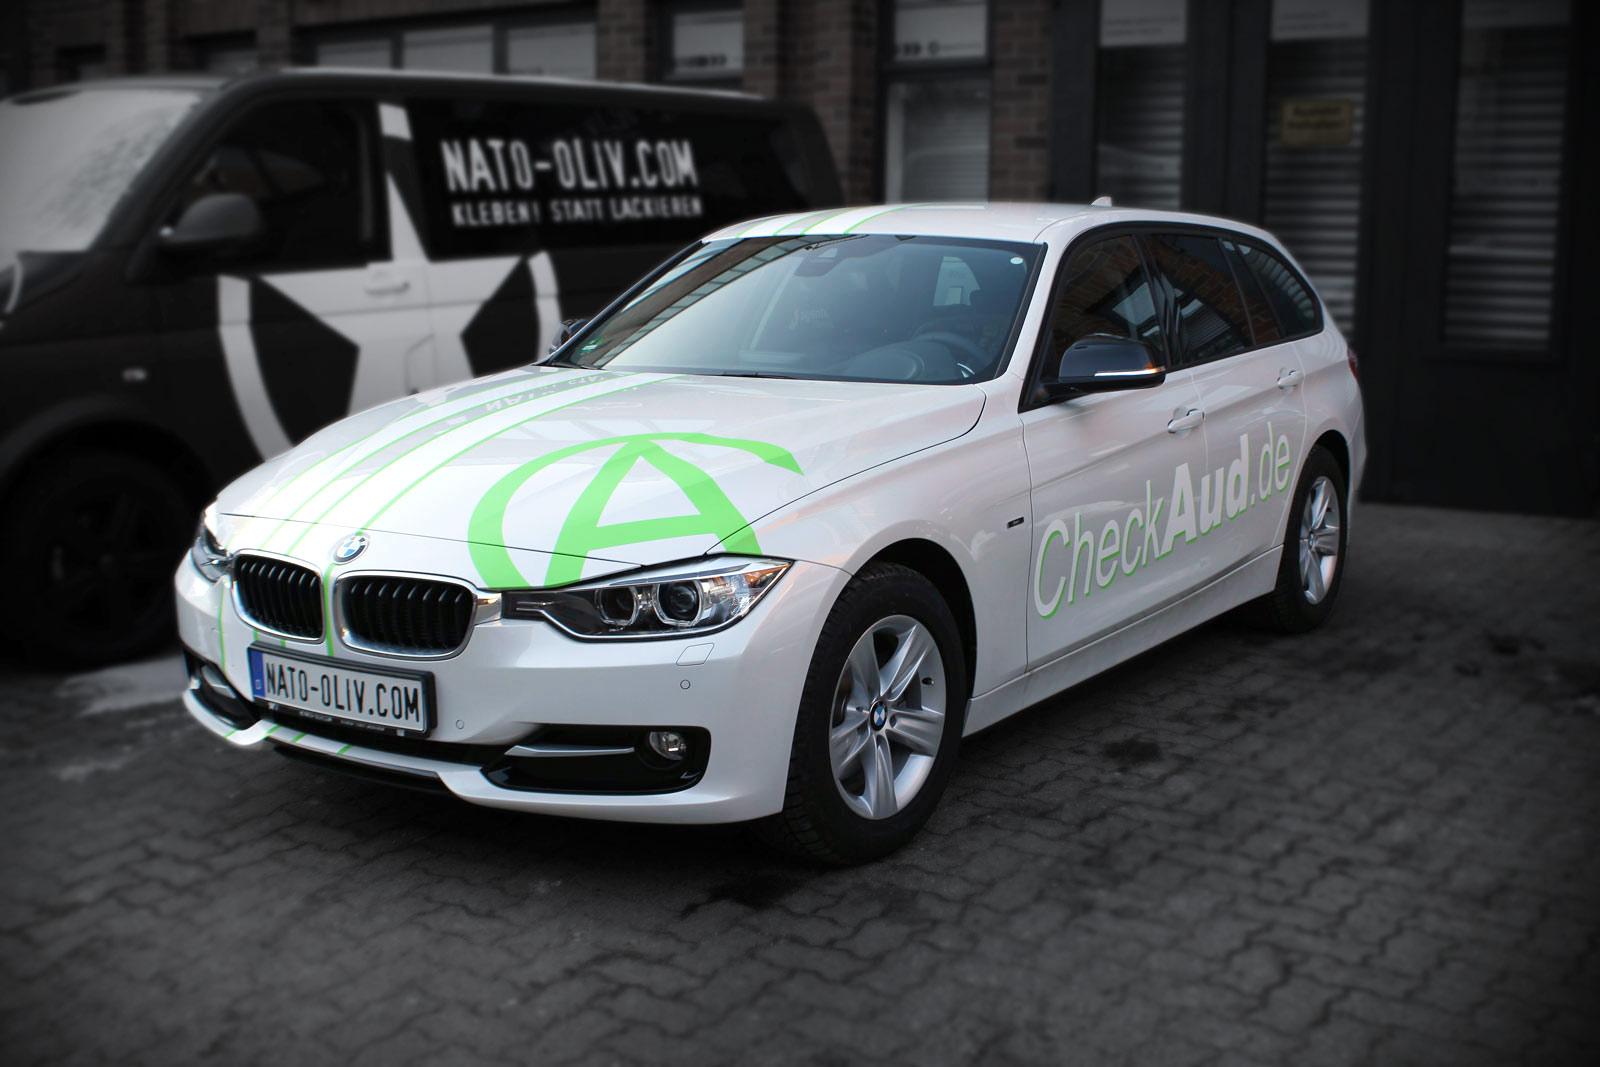 Dieser 3er BMW wurde mit grün und weiß matten Rallyestreifen beklebt und hat auf der Seite eine Werbebeschriftung foliert bekommen.